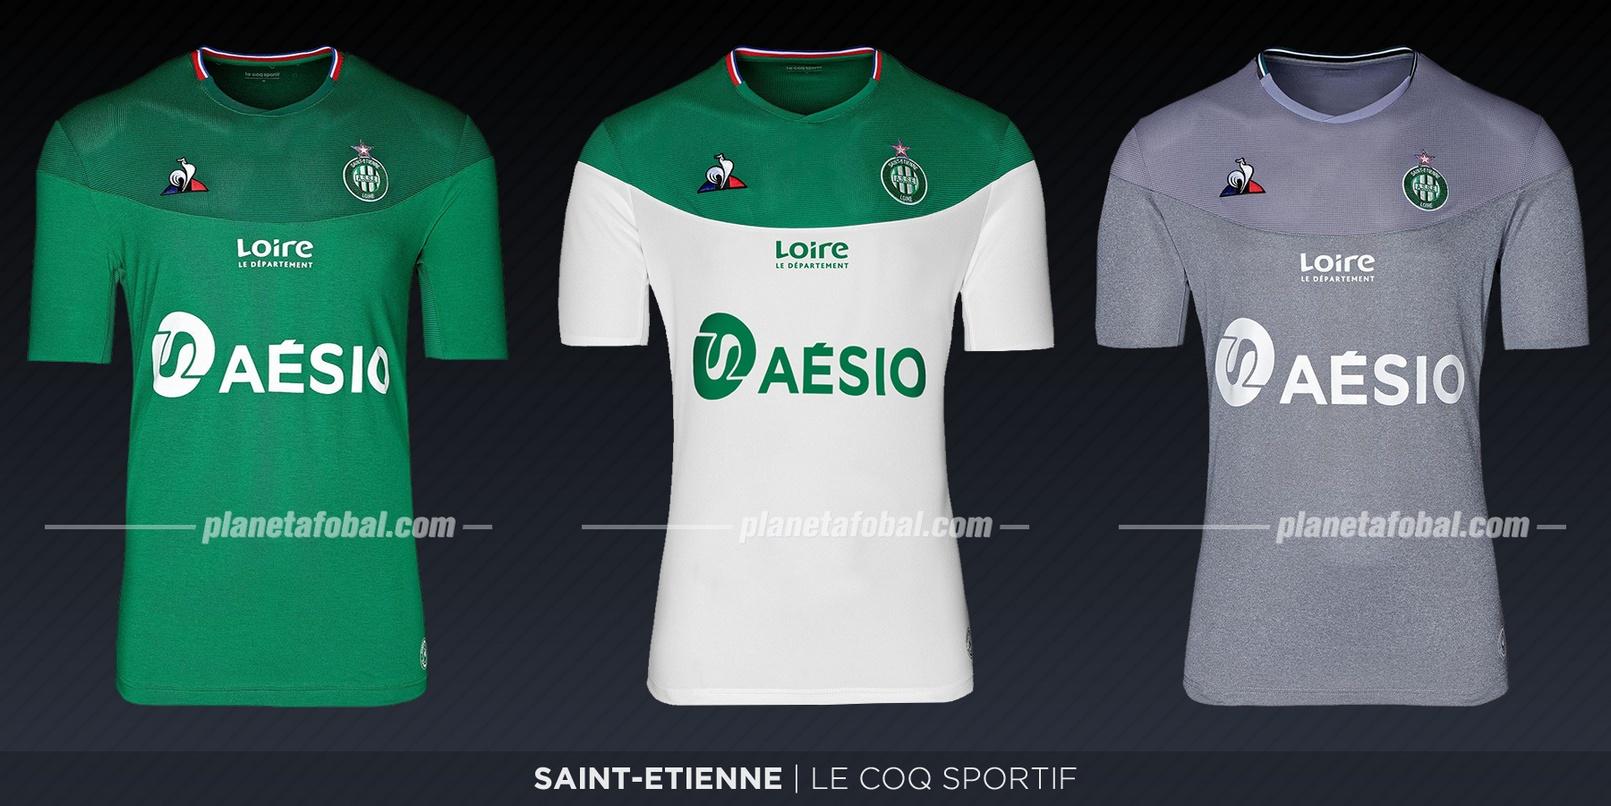 Saint-Étienne (Le Coq Sportif) | Camisetas de la Ligue 1 2019-2020